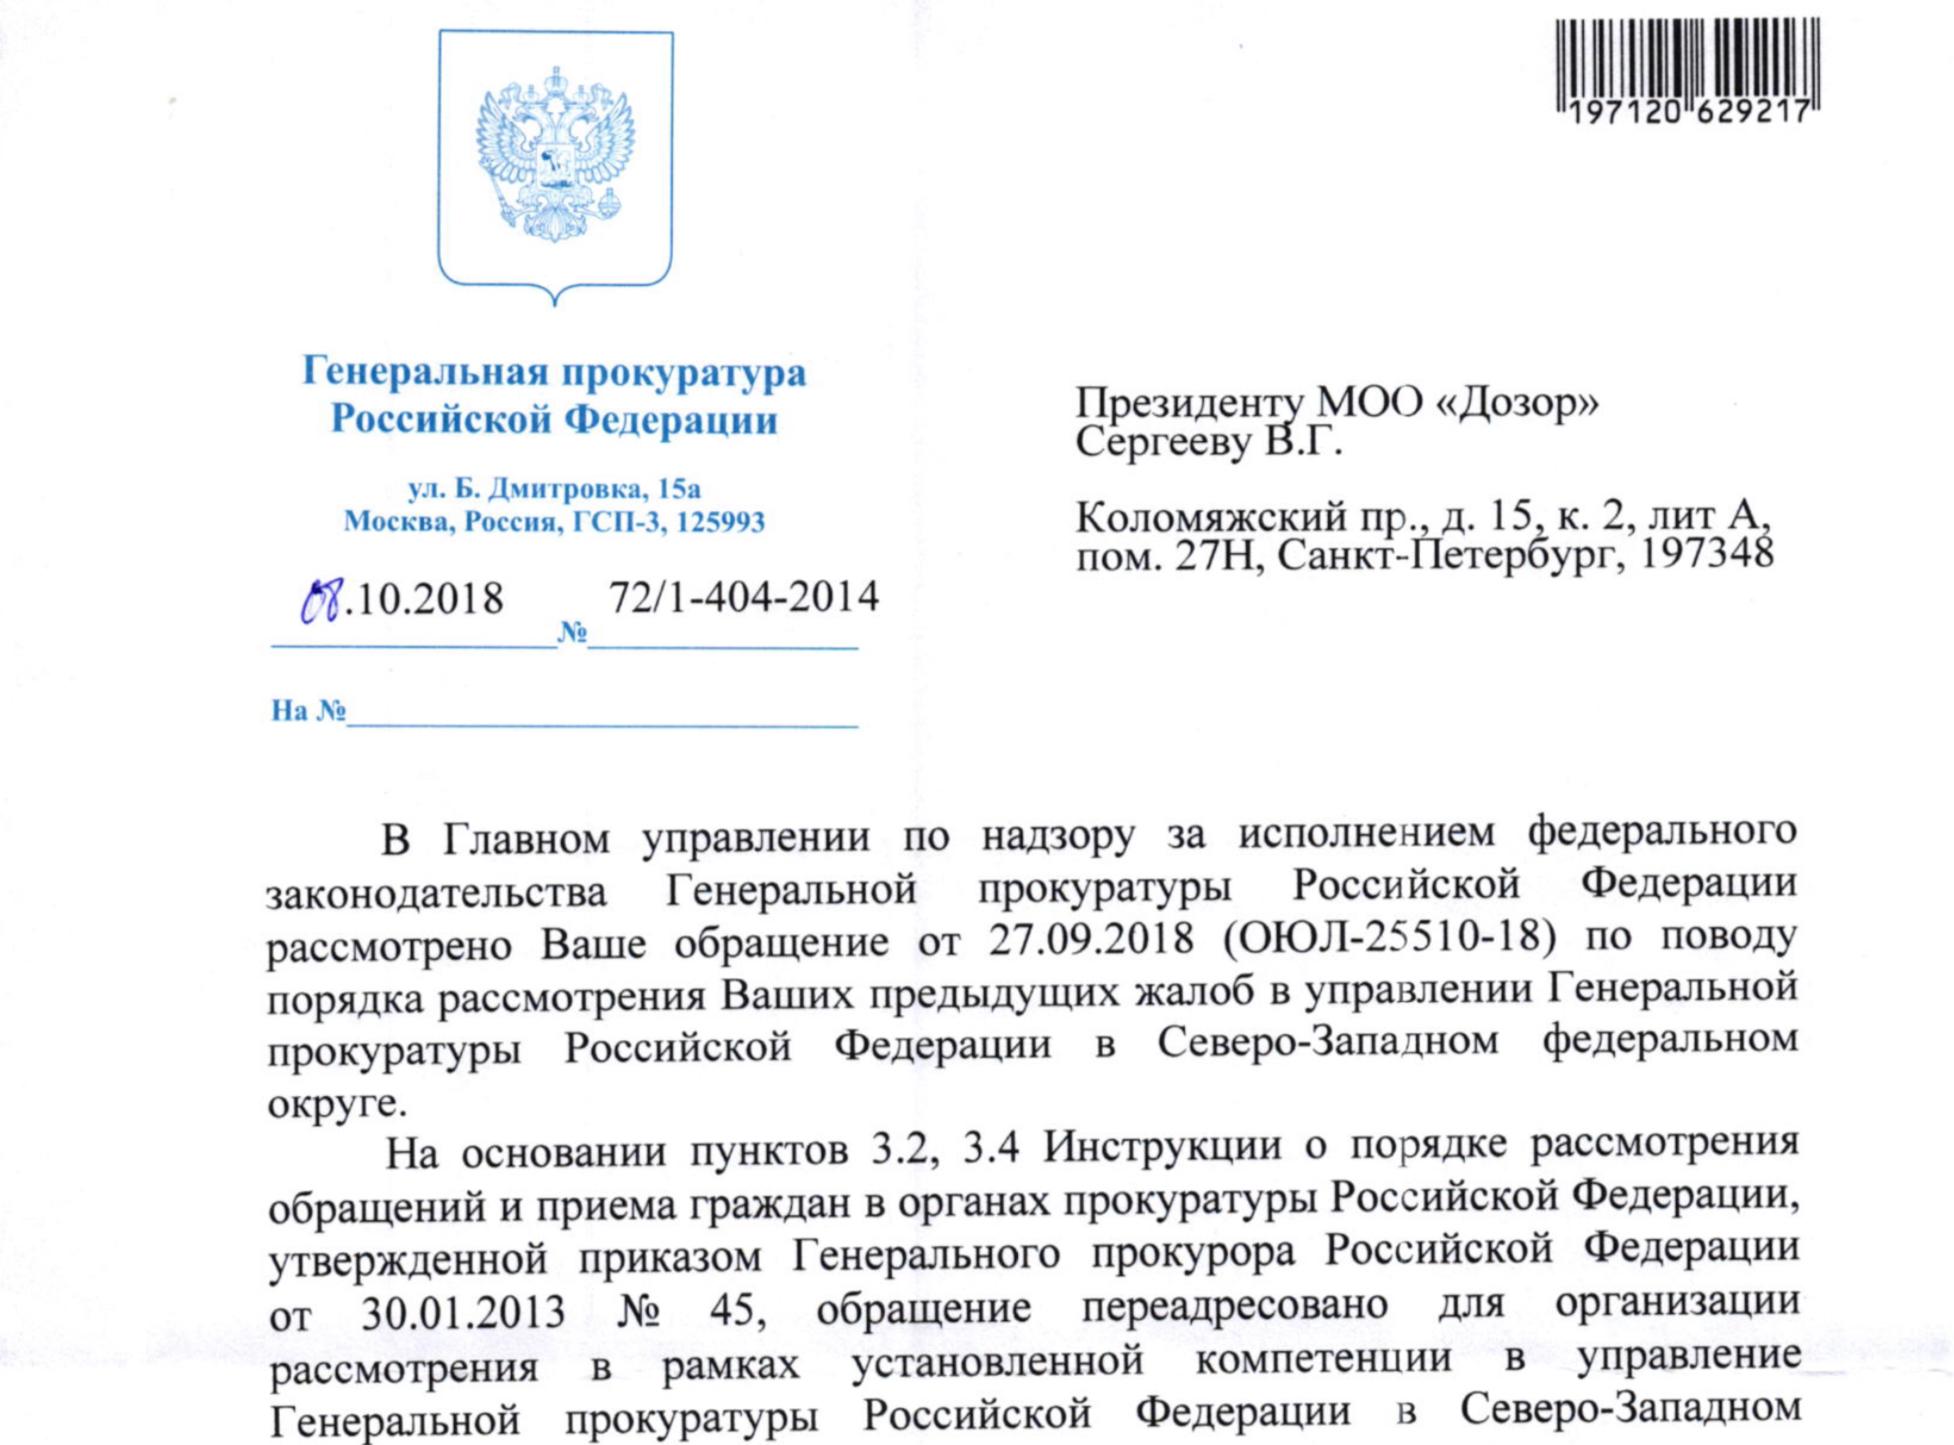 Ответ Генеральной прокуратуры РФ на жалобу от 13.09.2018 г.